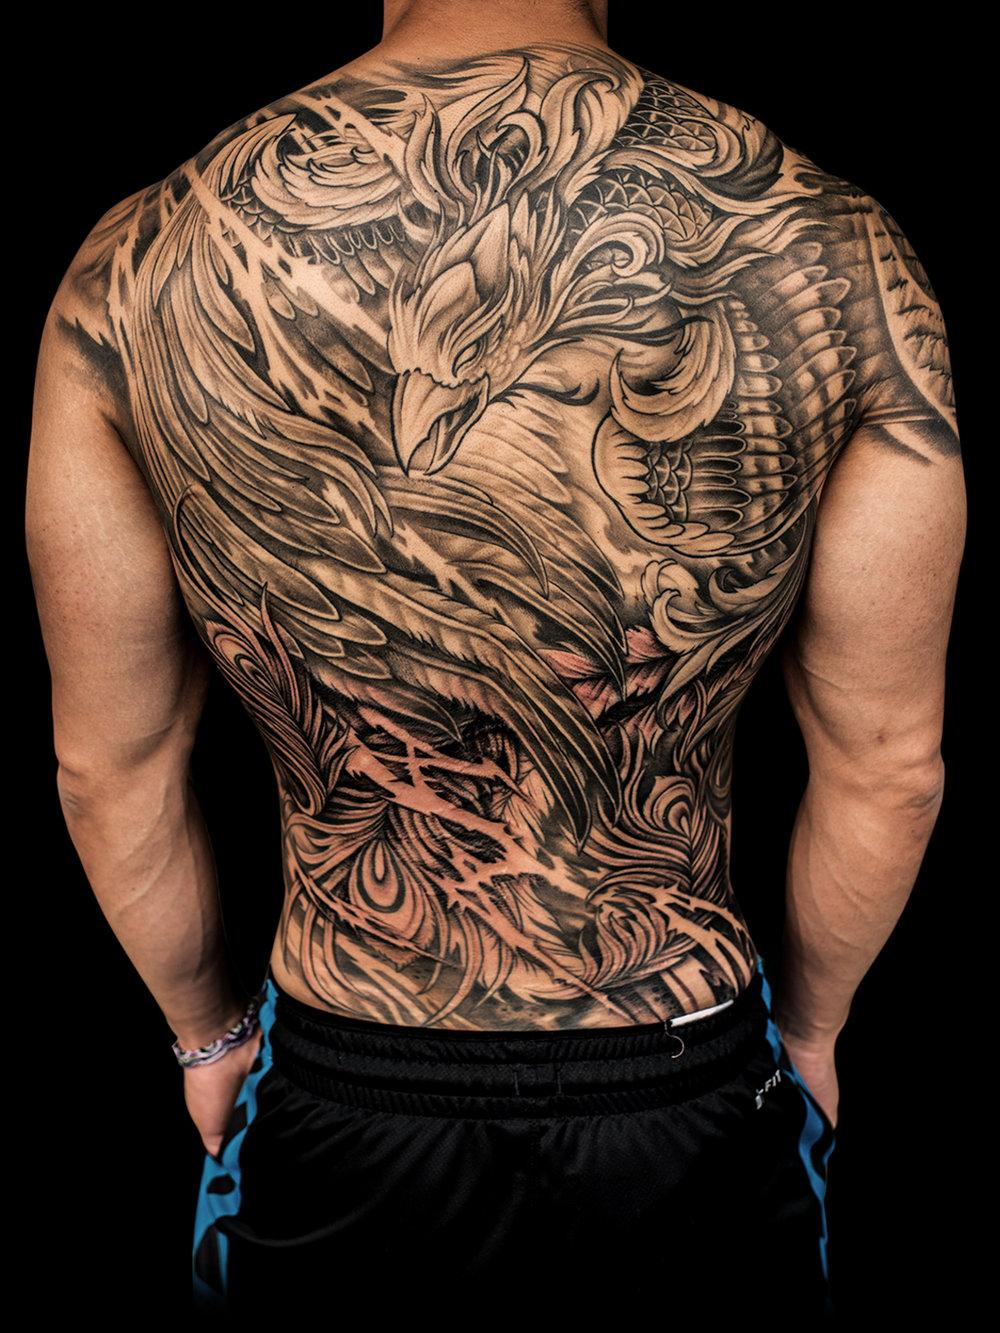 Asian style phoenix tattoo by Winson Tsai